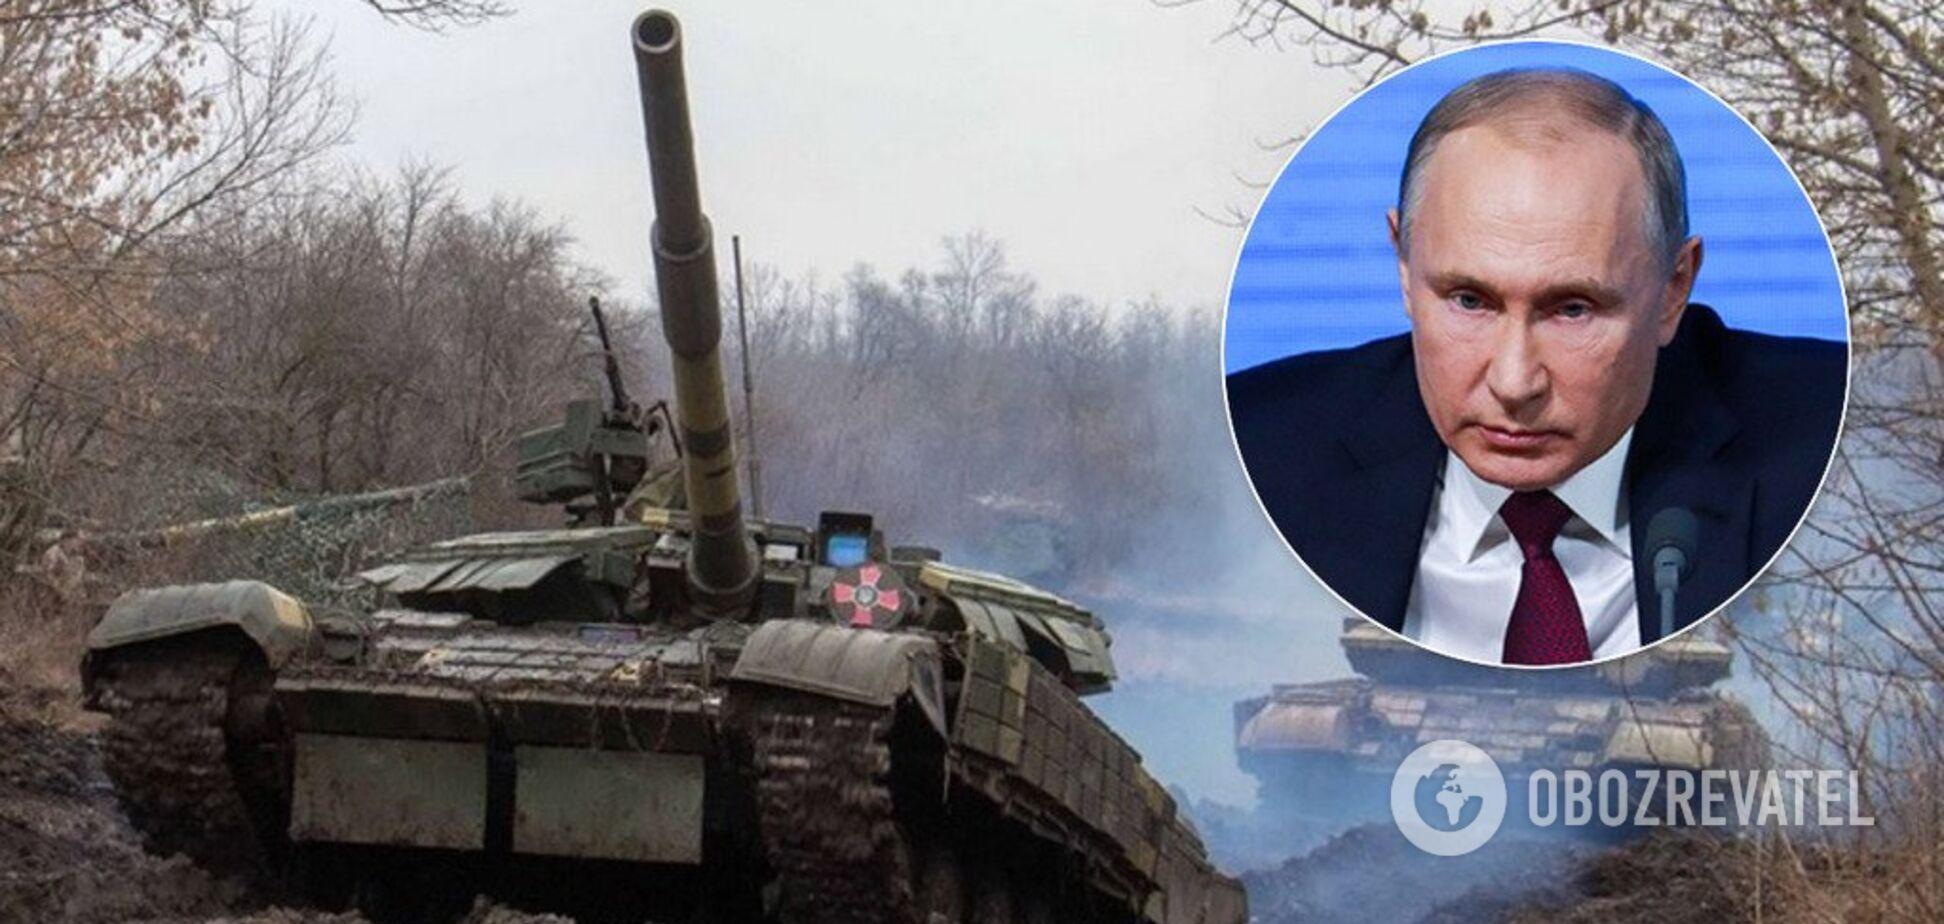 Человек Путина пришел развернуть Зеленского по Донбассу